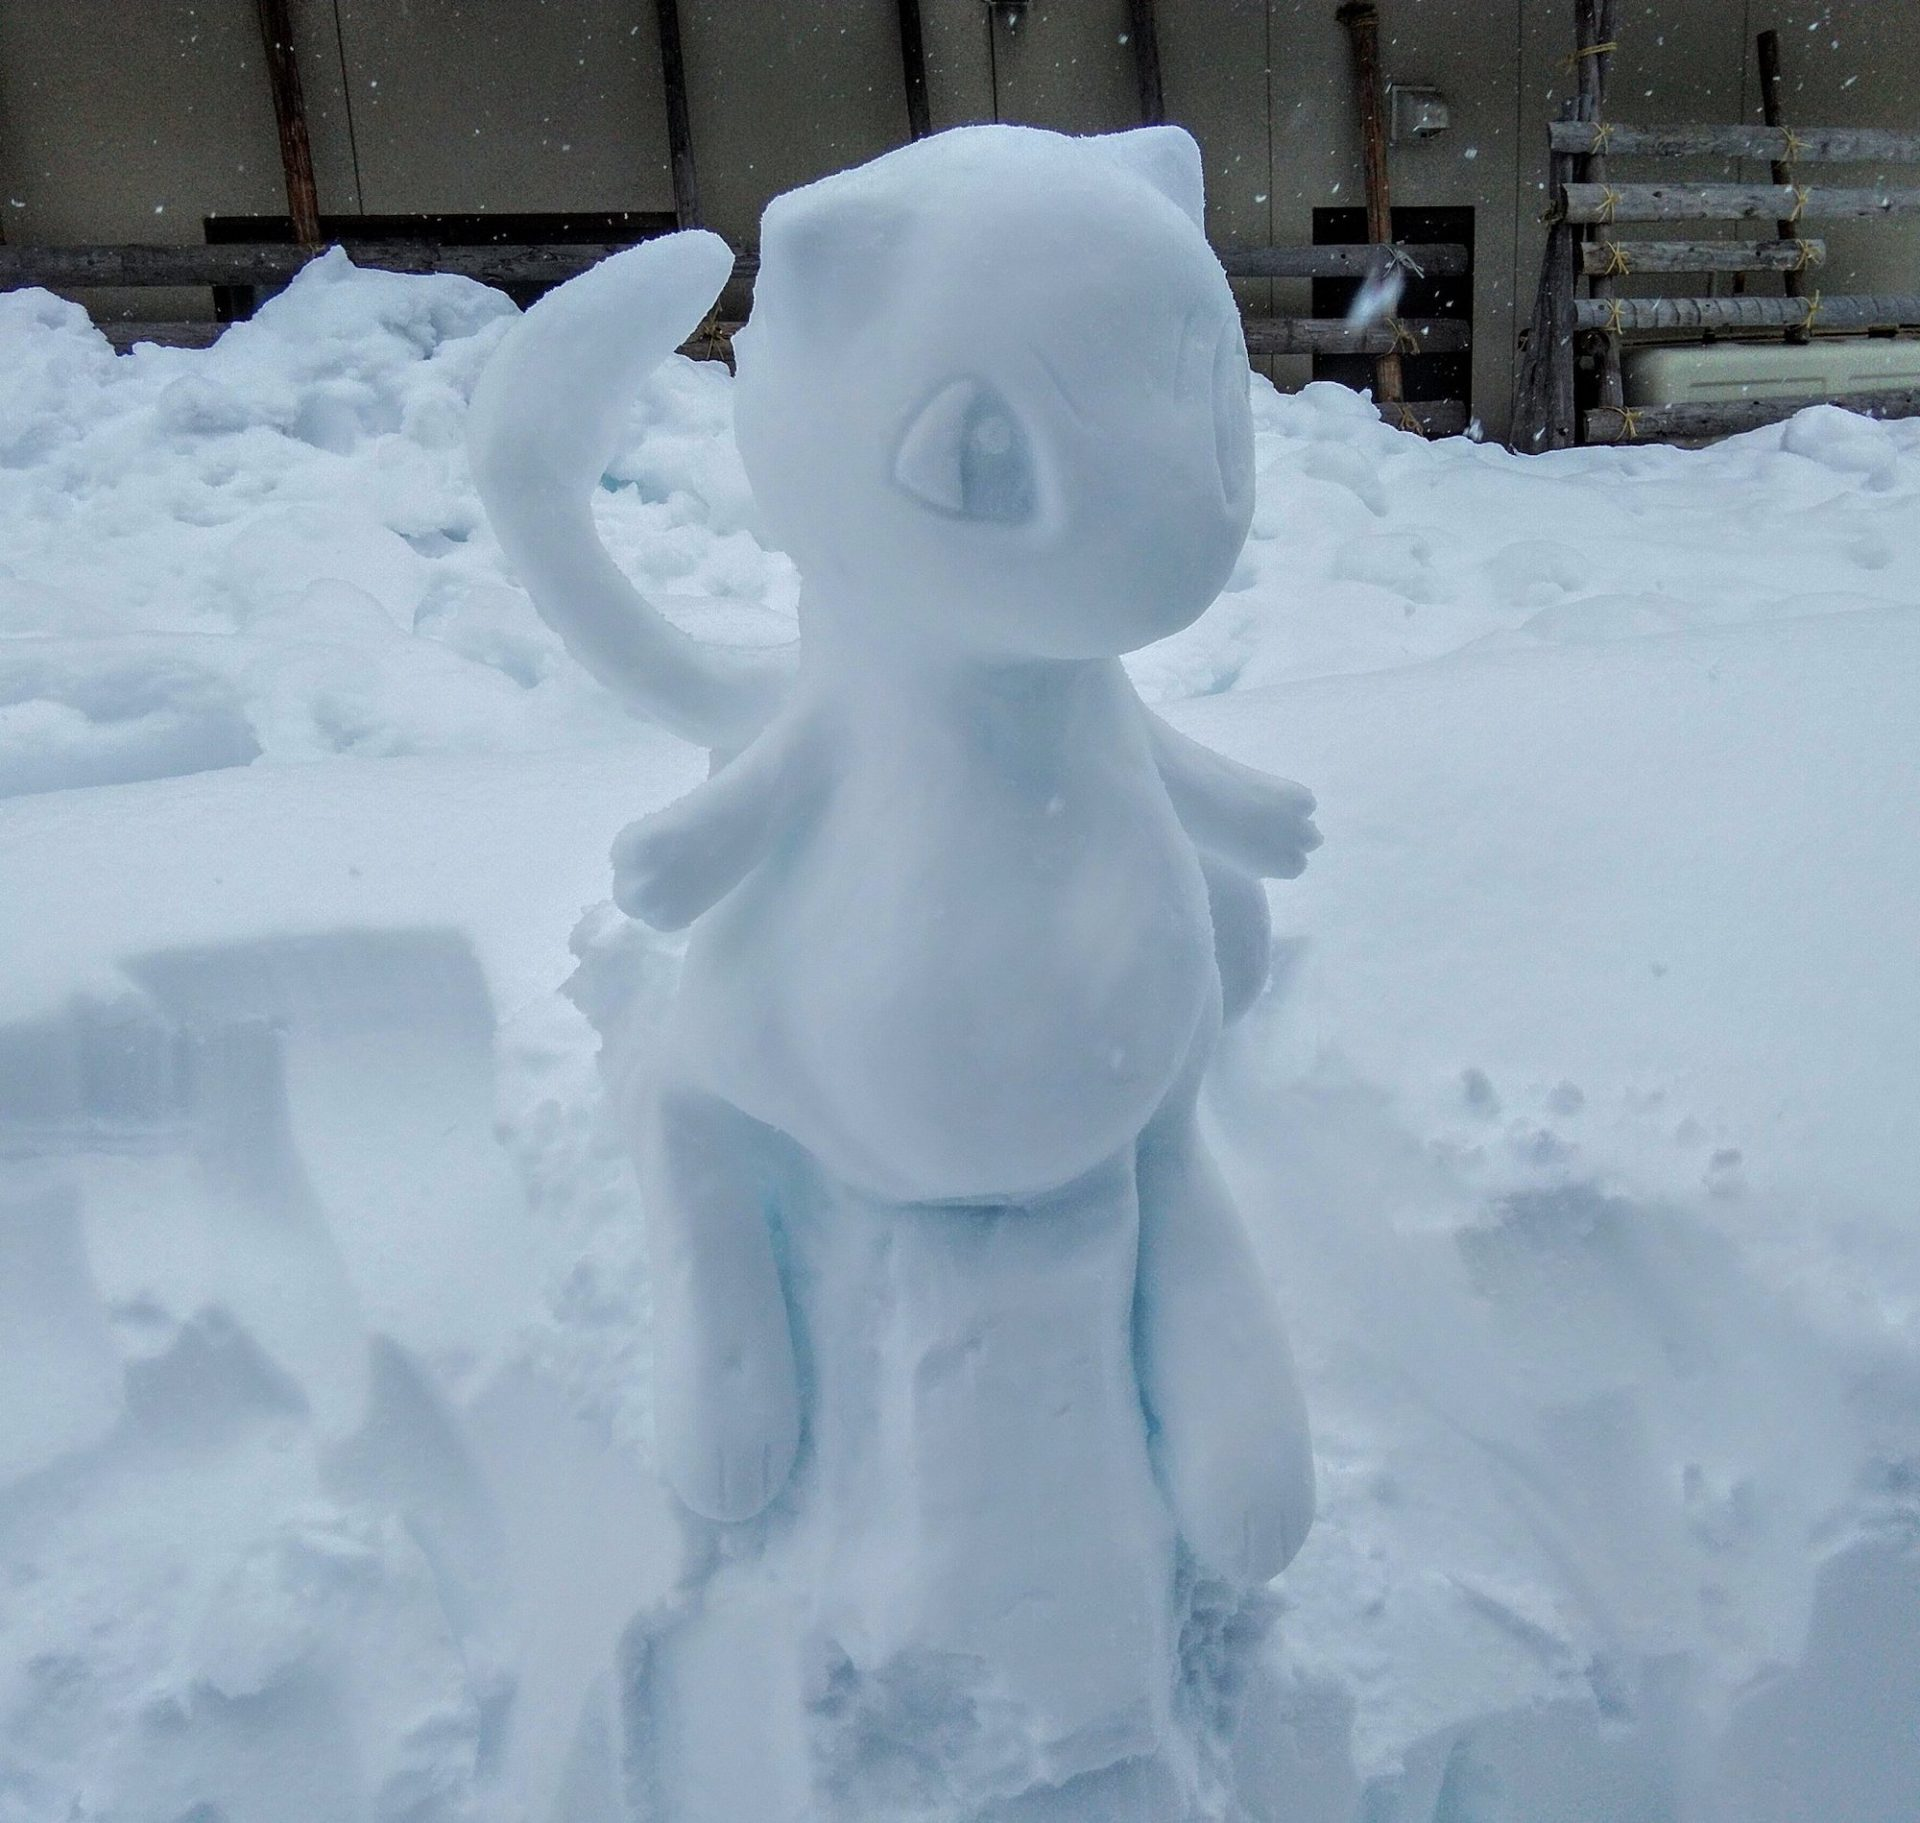 L'artiste japonais Yukidaruma Shokunin Toshinyan sculpte des personnages célèbres dans la neige